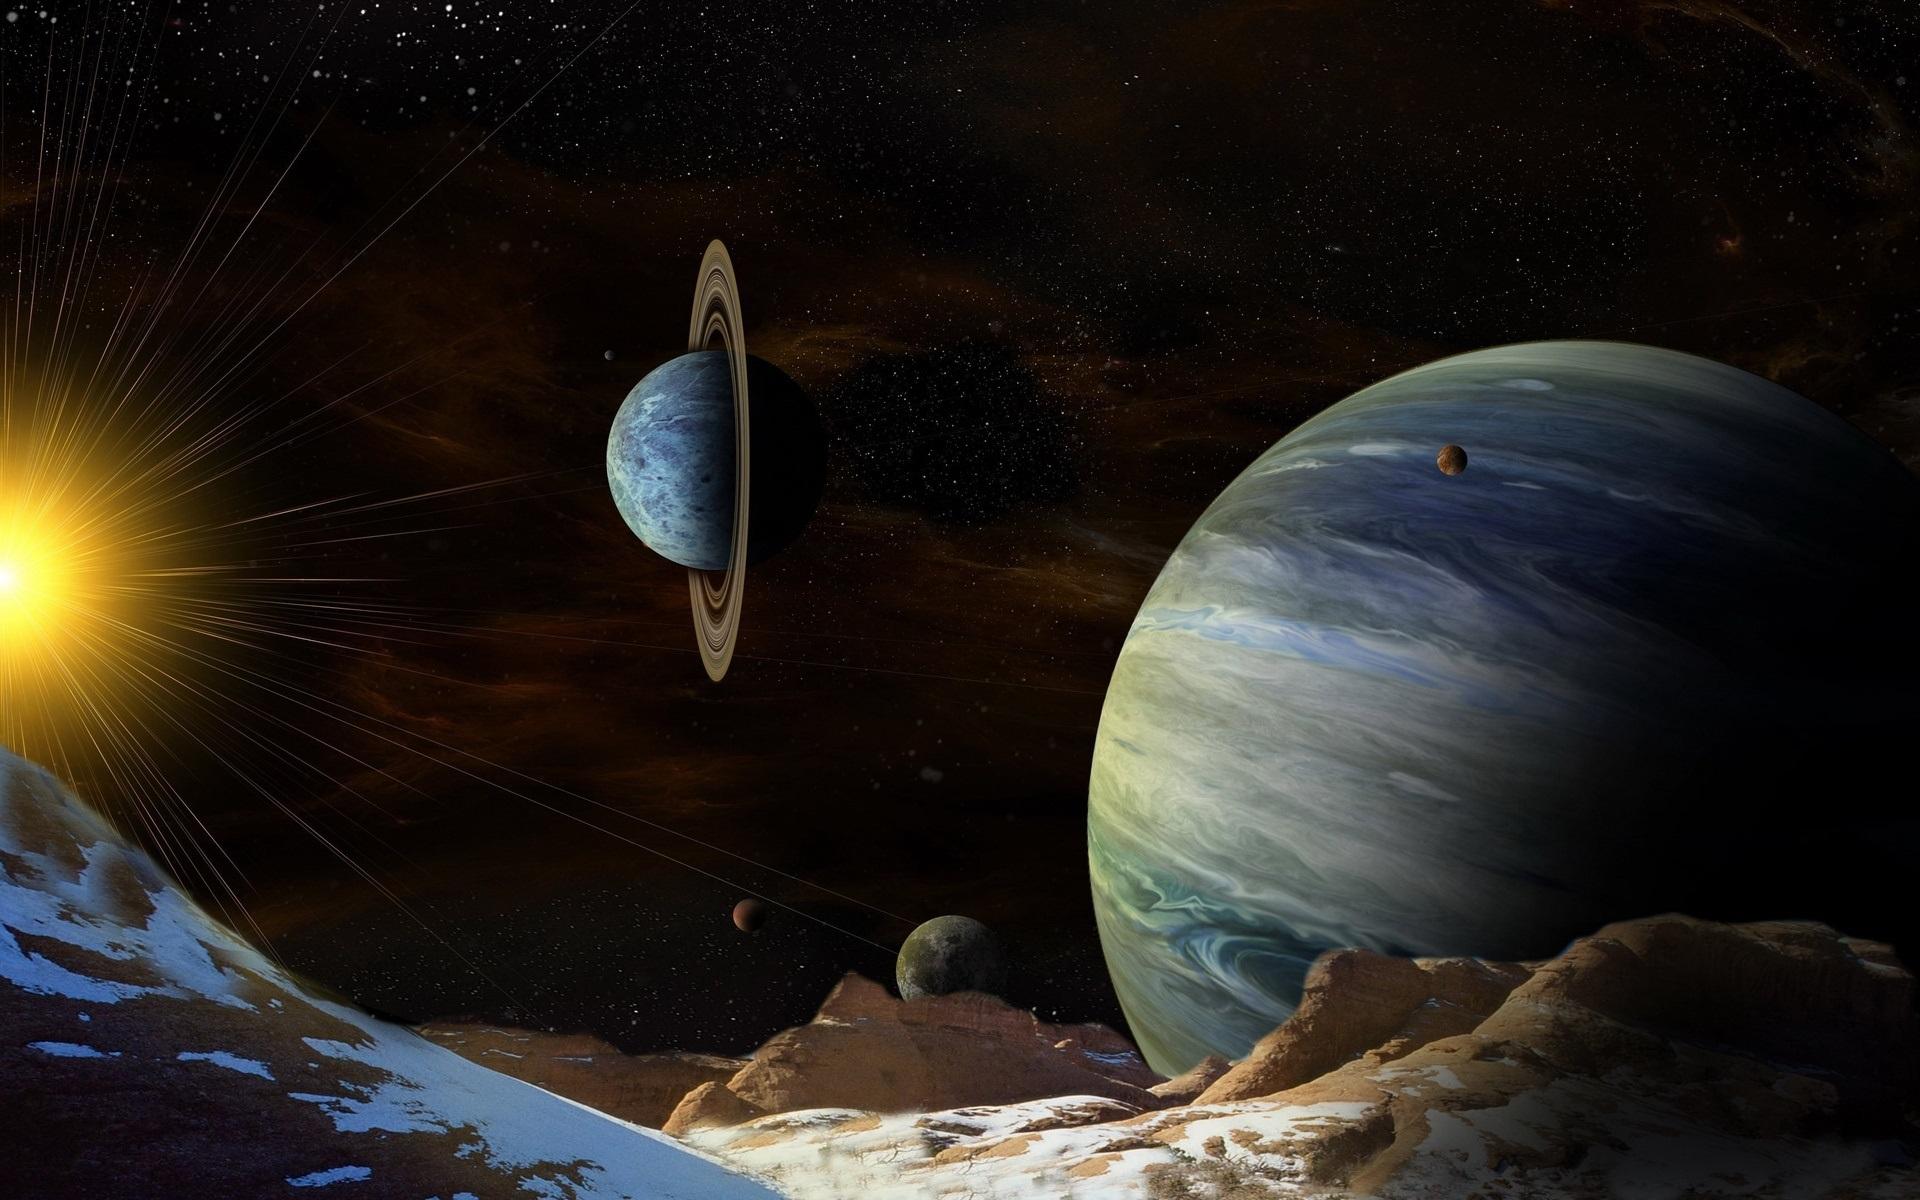 фантастические картинки планет солнечной системы почвам